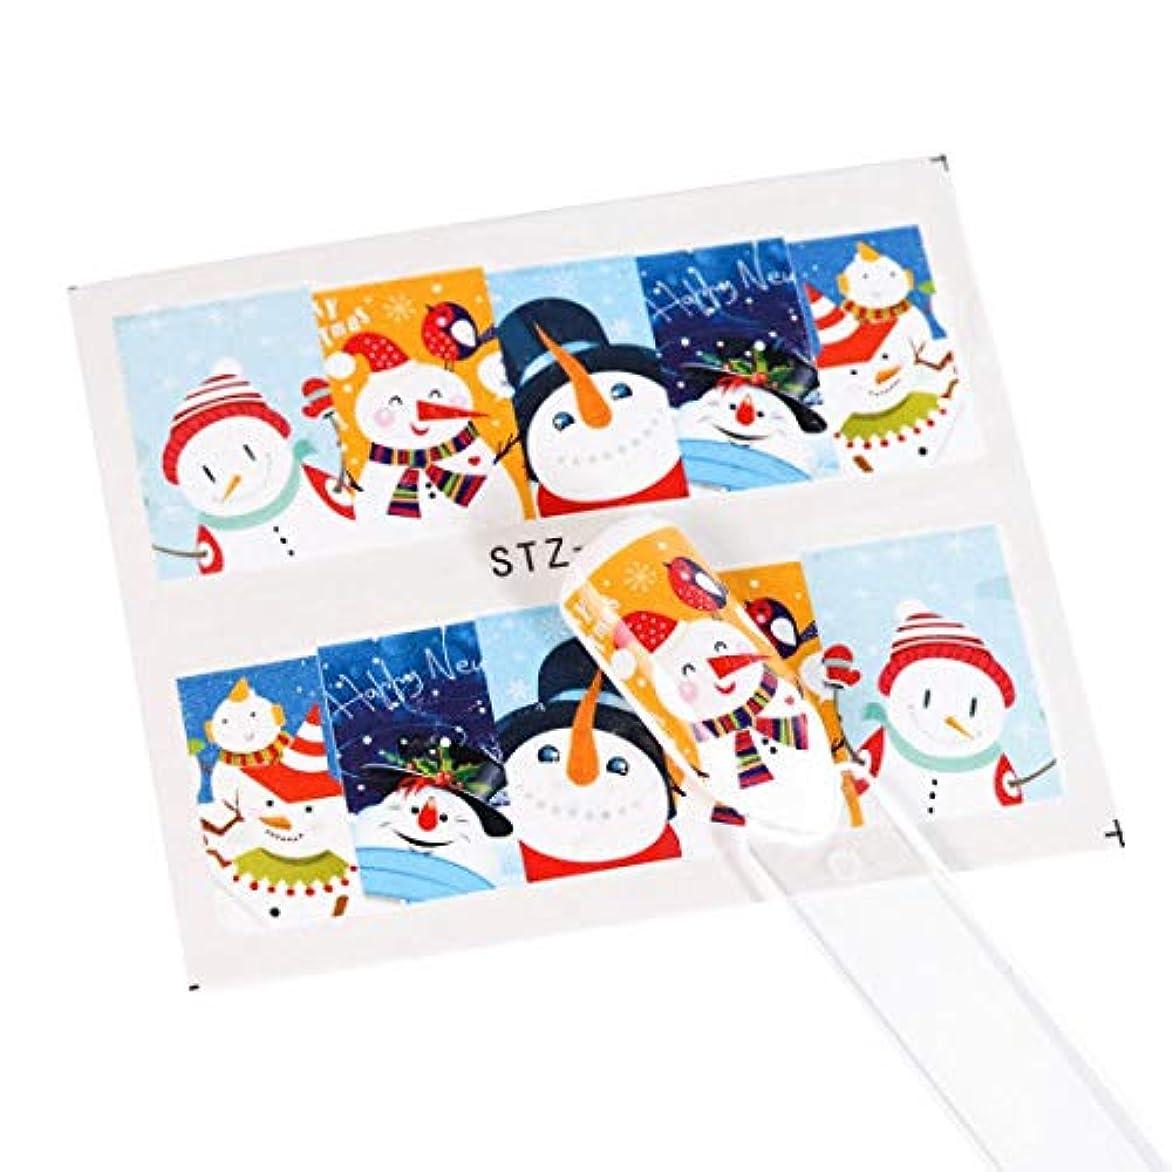 ほのめかすライム累積SUKTI&XIAO ネイルステッカー 1ピースクリスマス新年ネイルステッカーウォーターデカールスライダータトゥースノーフレークサンタフルラップマニキュア装飾箔、Stz798